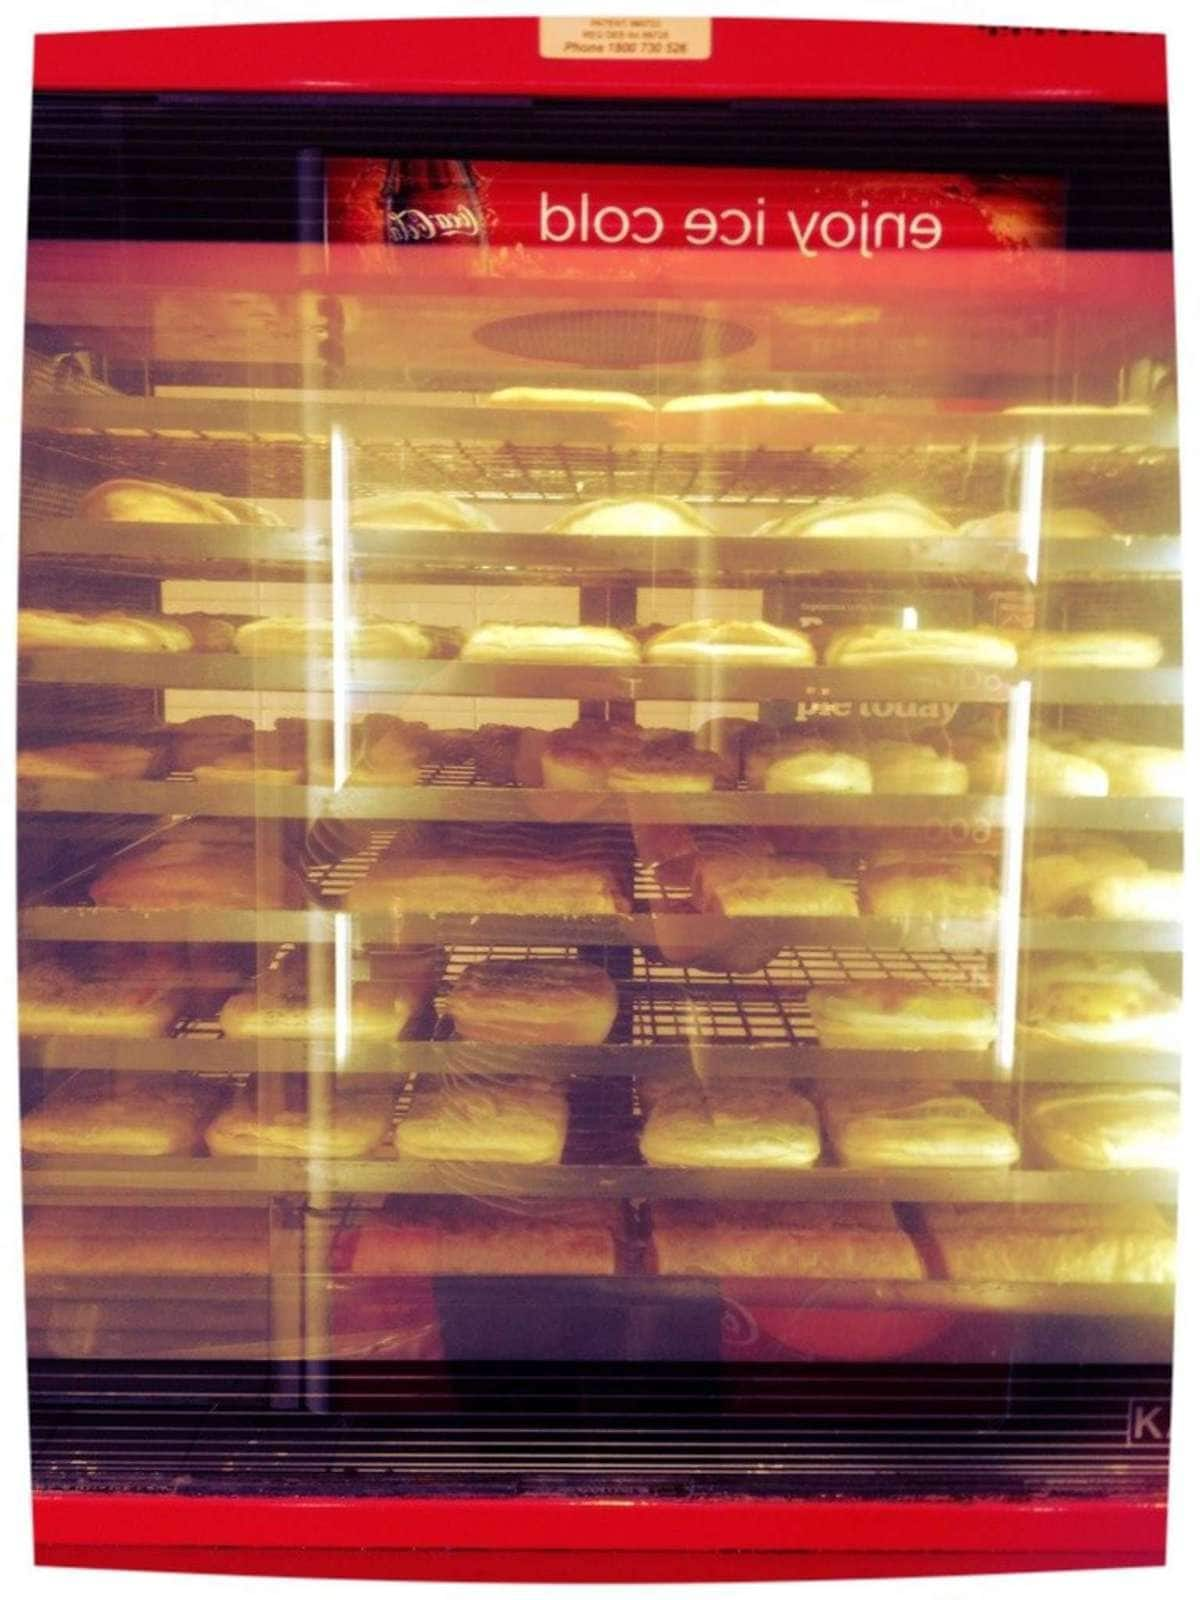 King Hot Bread Bakery